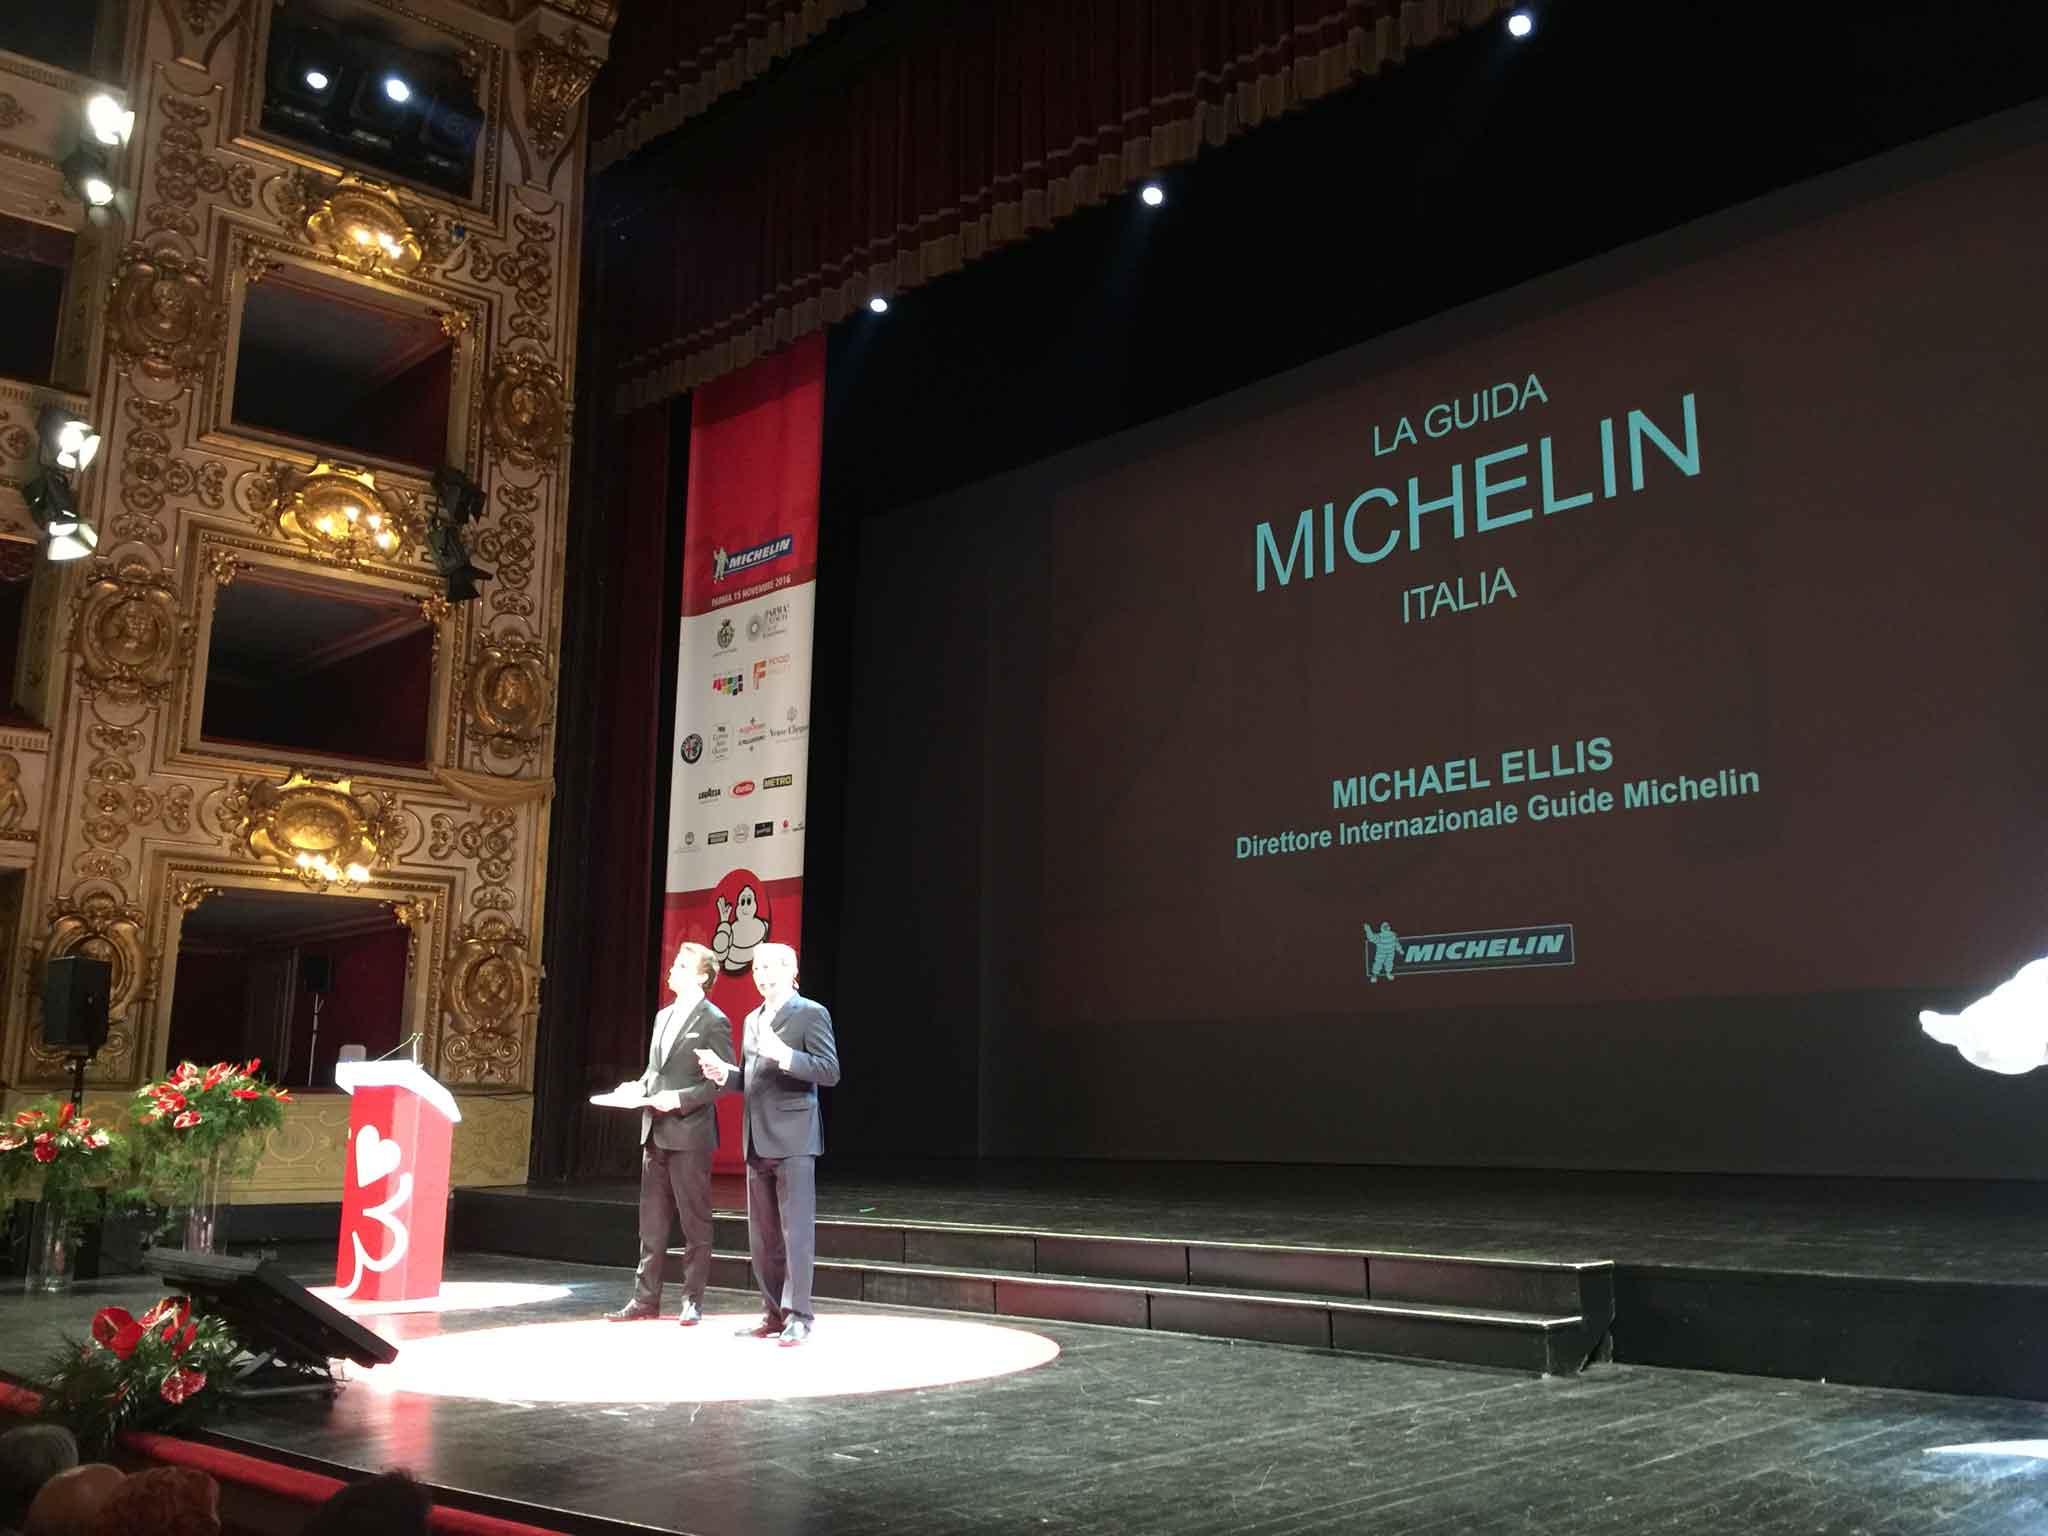 guida-michelin-2017-ristoranti-italia-michael-ellis